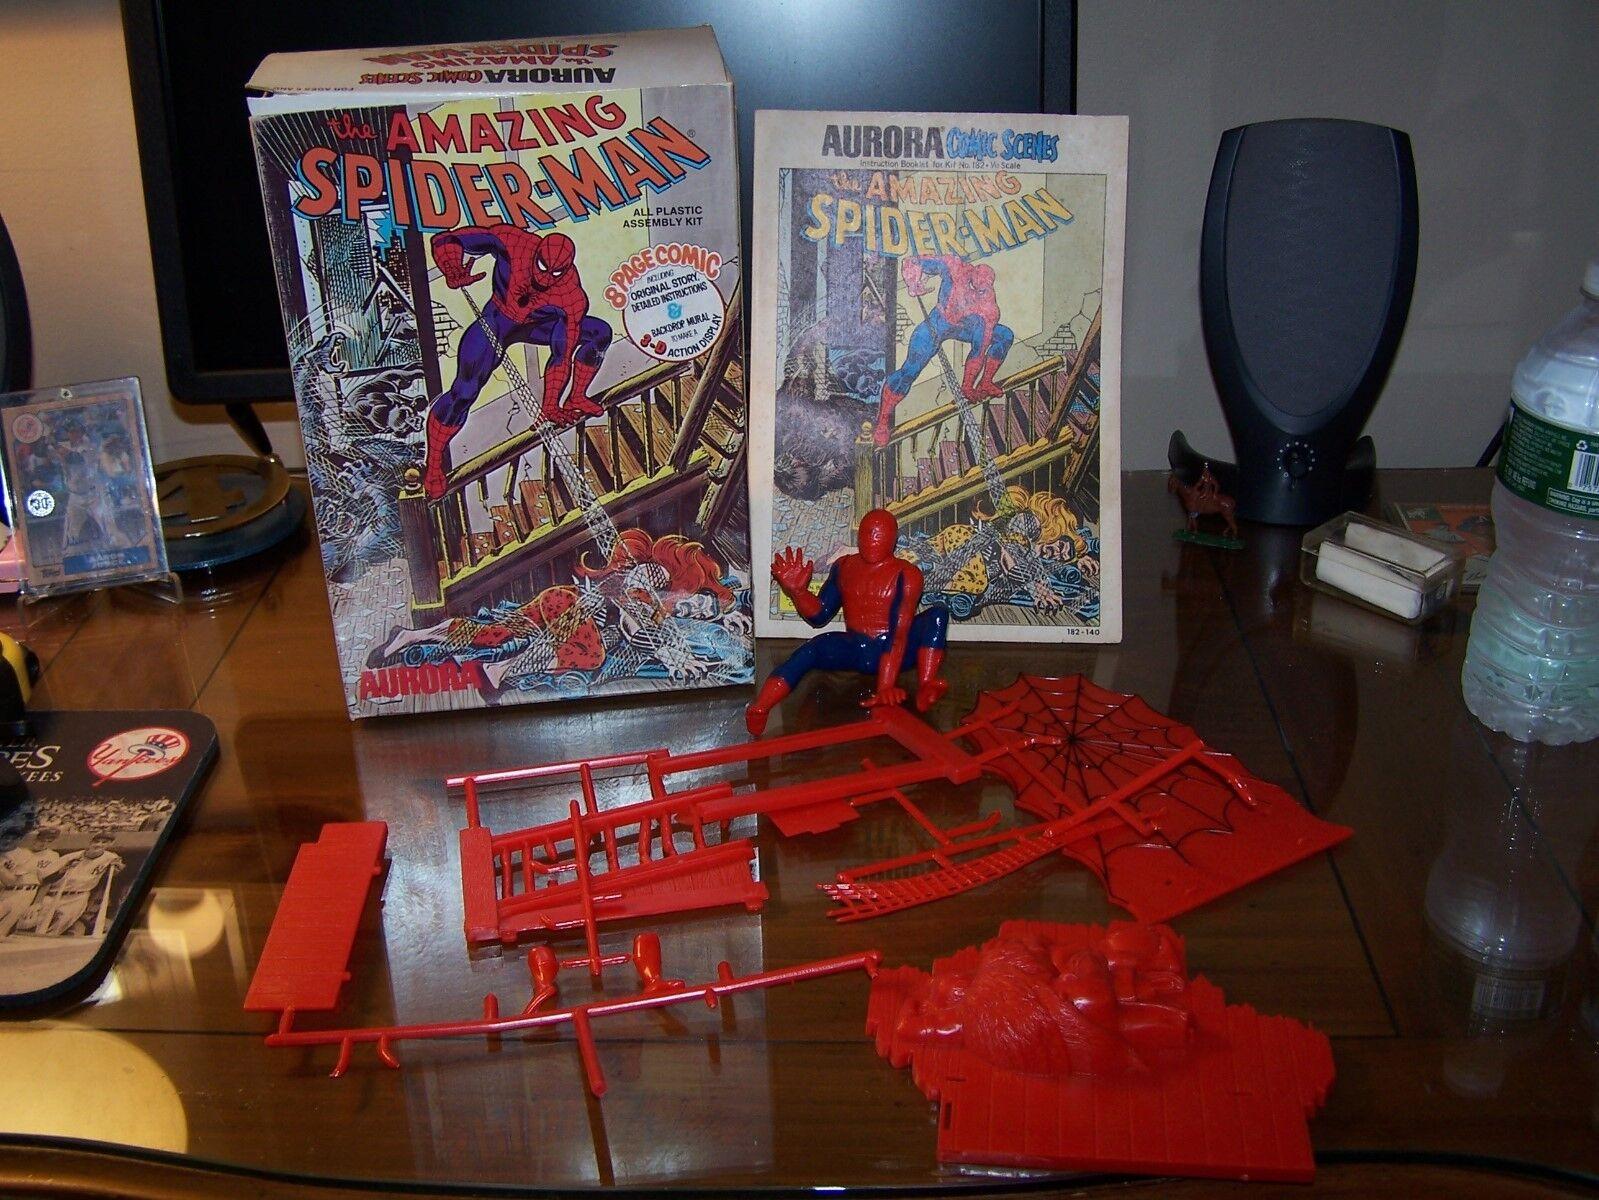 Aurora, 1974, el hombre araña mágico Ob hizo ocho páginas de la cubierta de araña de historietas.